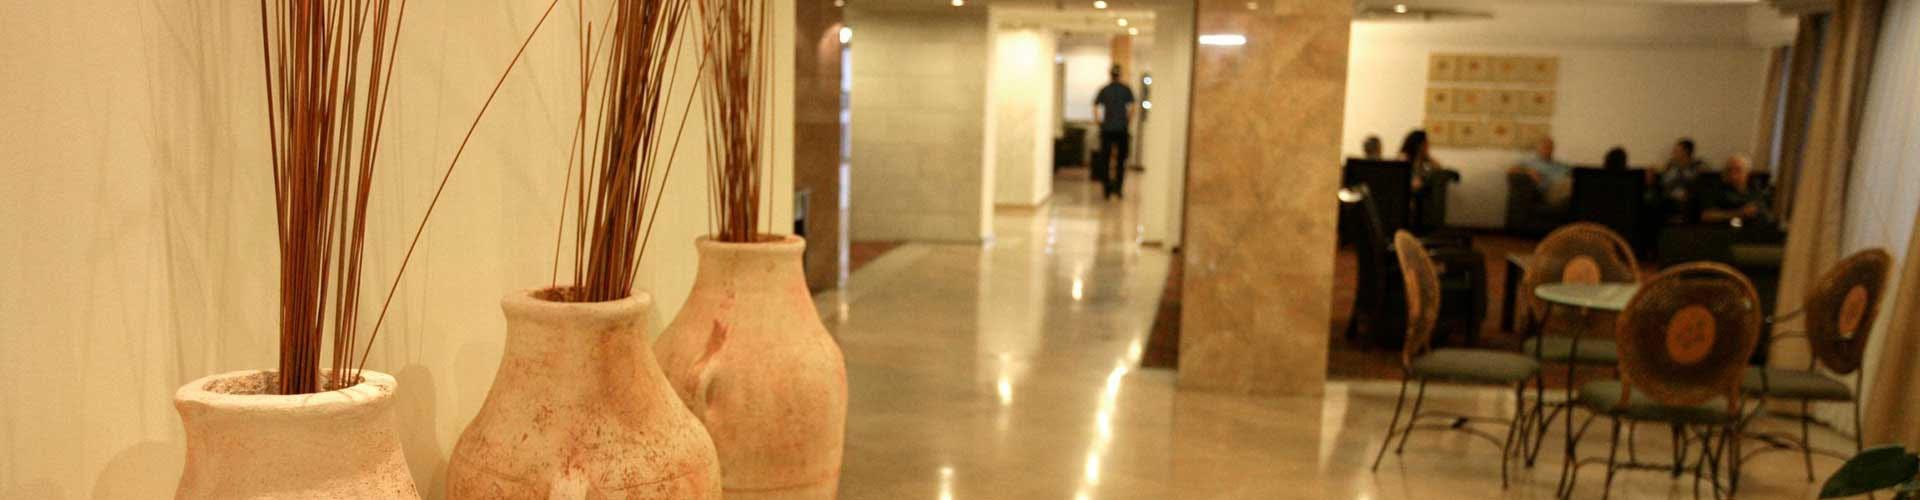 מלון קיסר פרמייר ירושלים - לובי